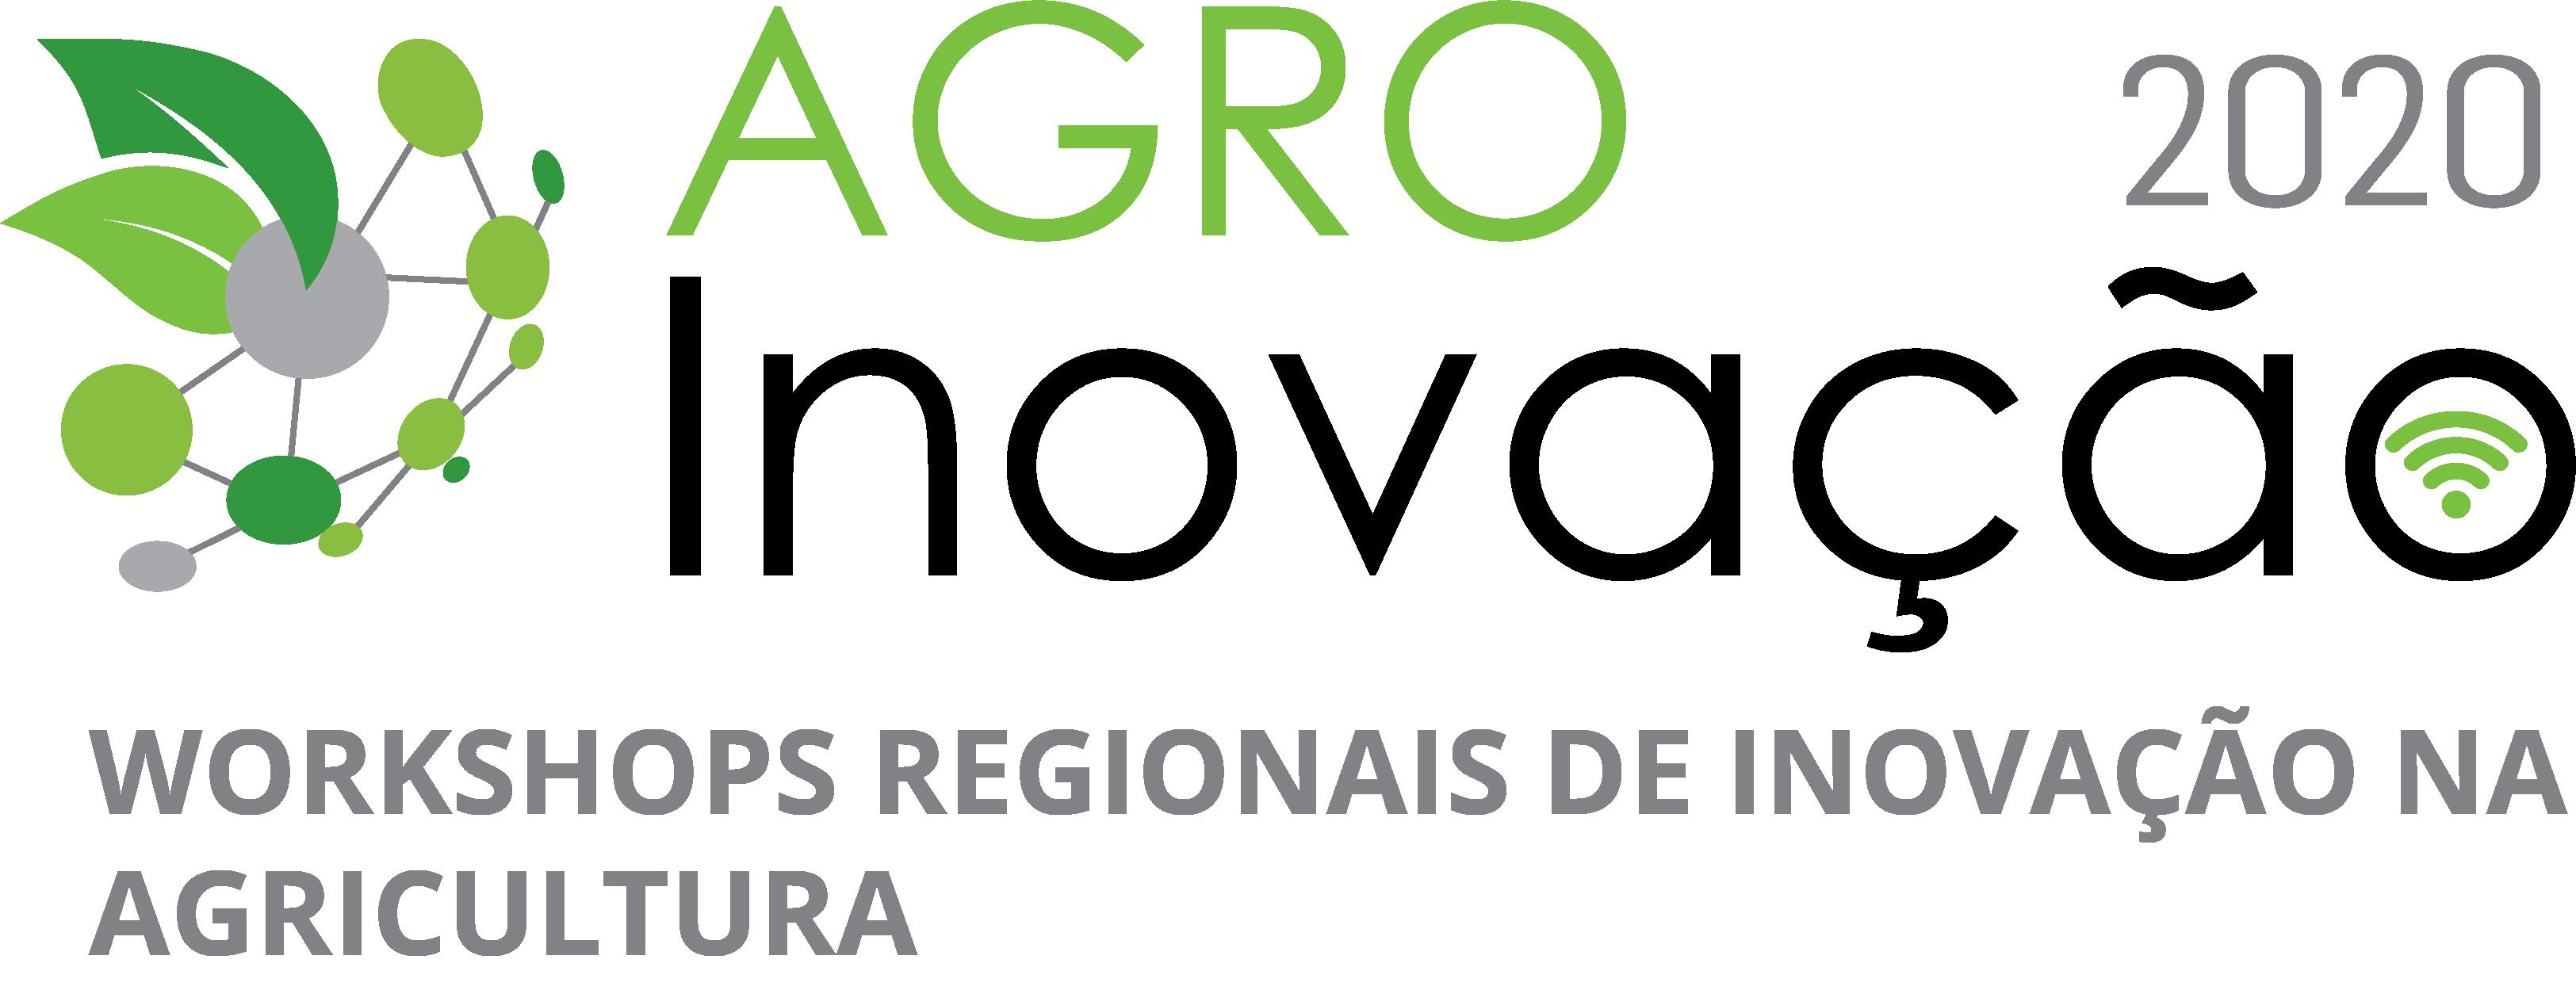 logo AGRO INOVACAO 2020